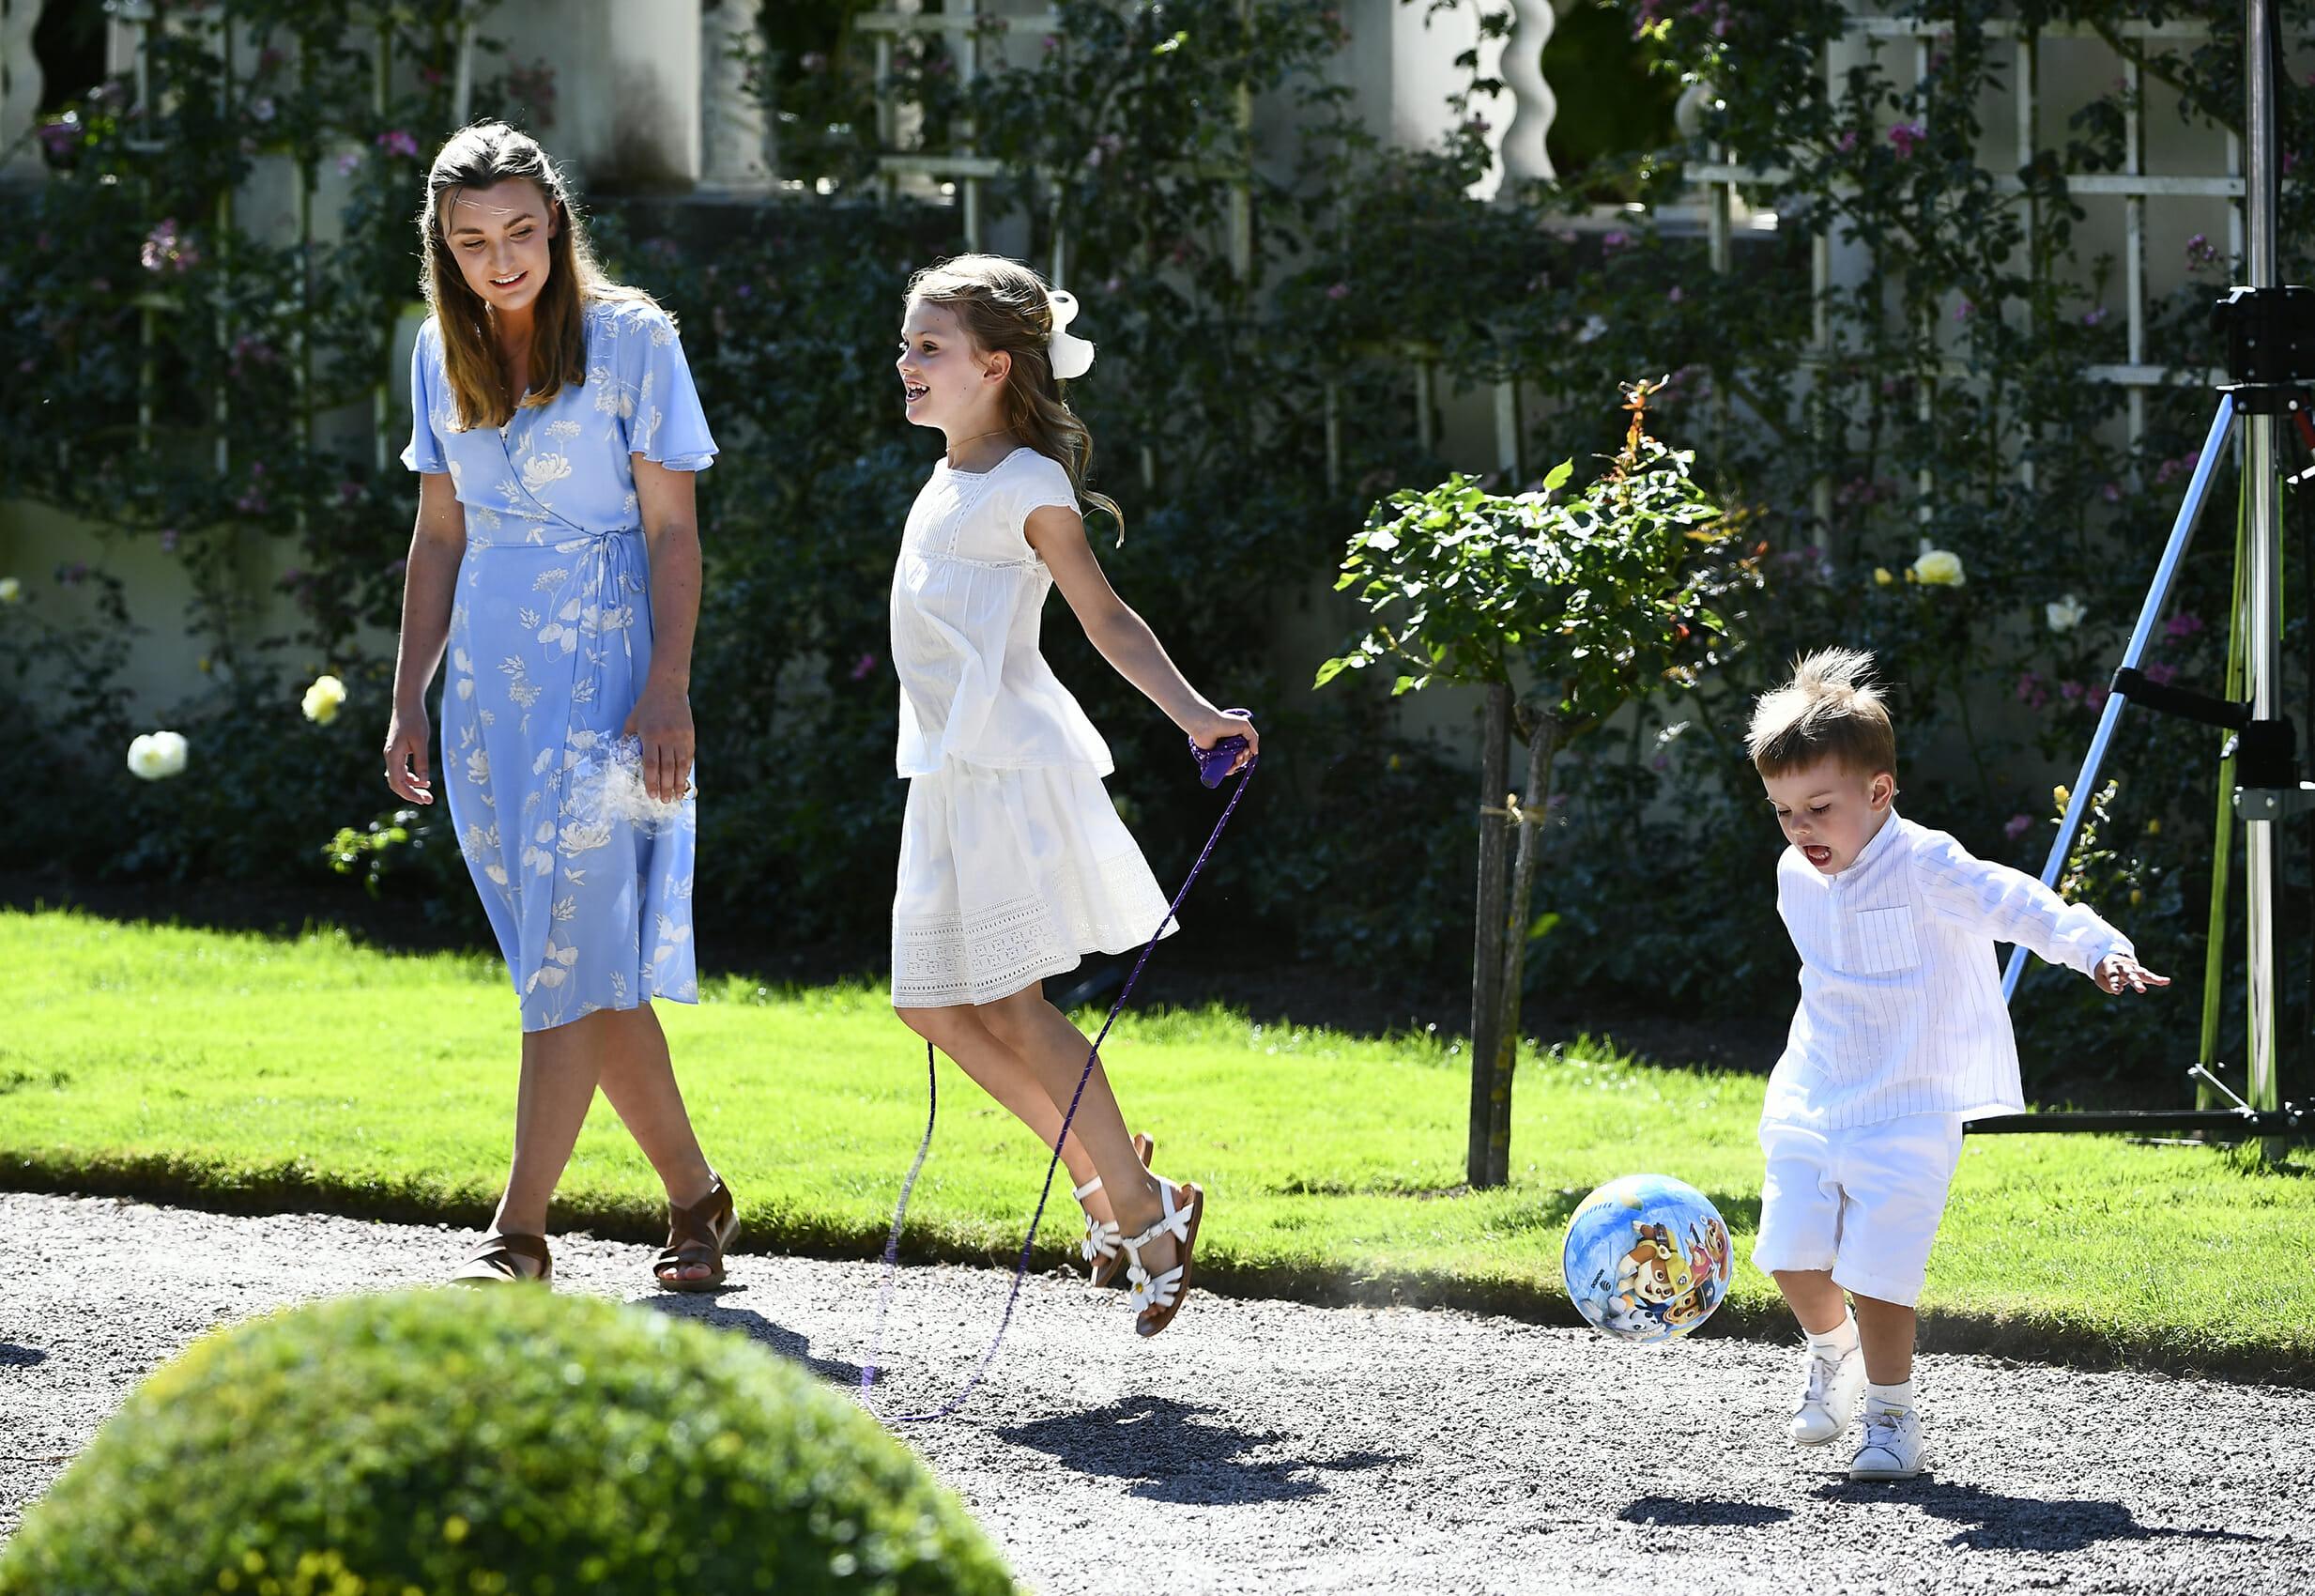 SOLLIDEN 2019-07-14 Prinsessan Estelle, prins Oscar och barnflickan Elvira i samband med födelsedagsfirandet av kronprinsessan vid Sollidens slott på söndagen.